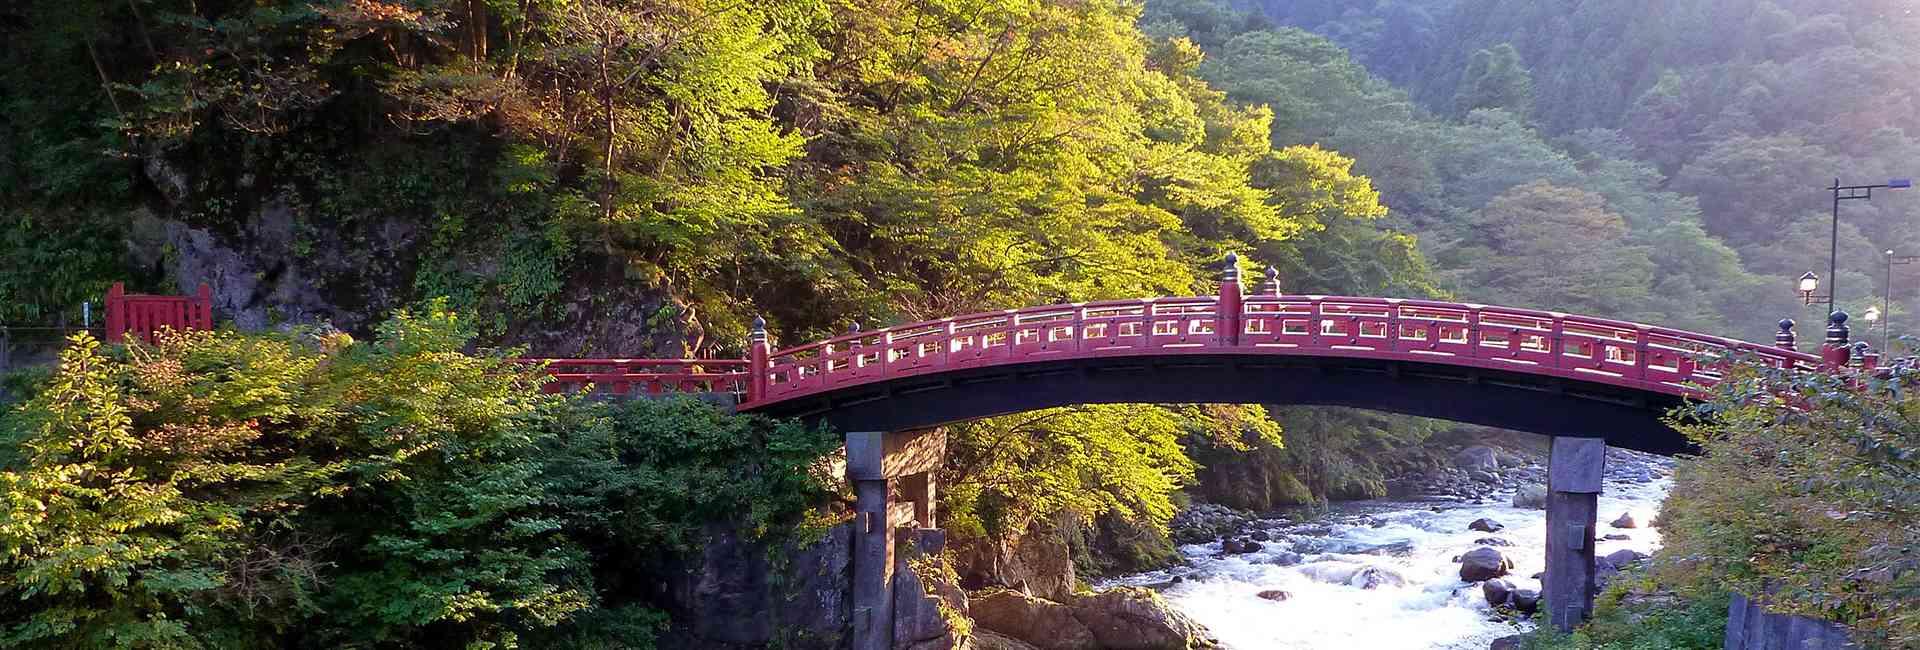 Shinkyo bridge at Nikko